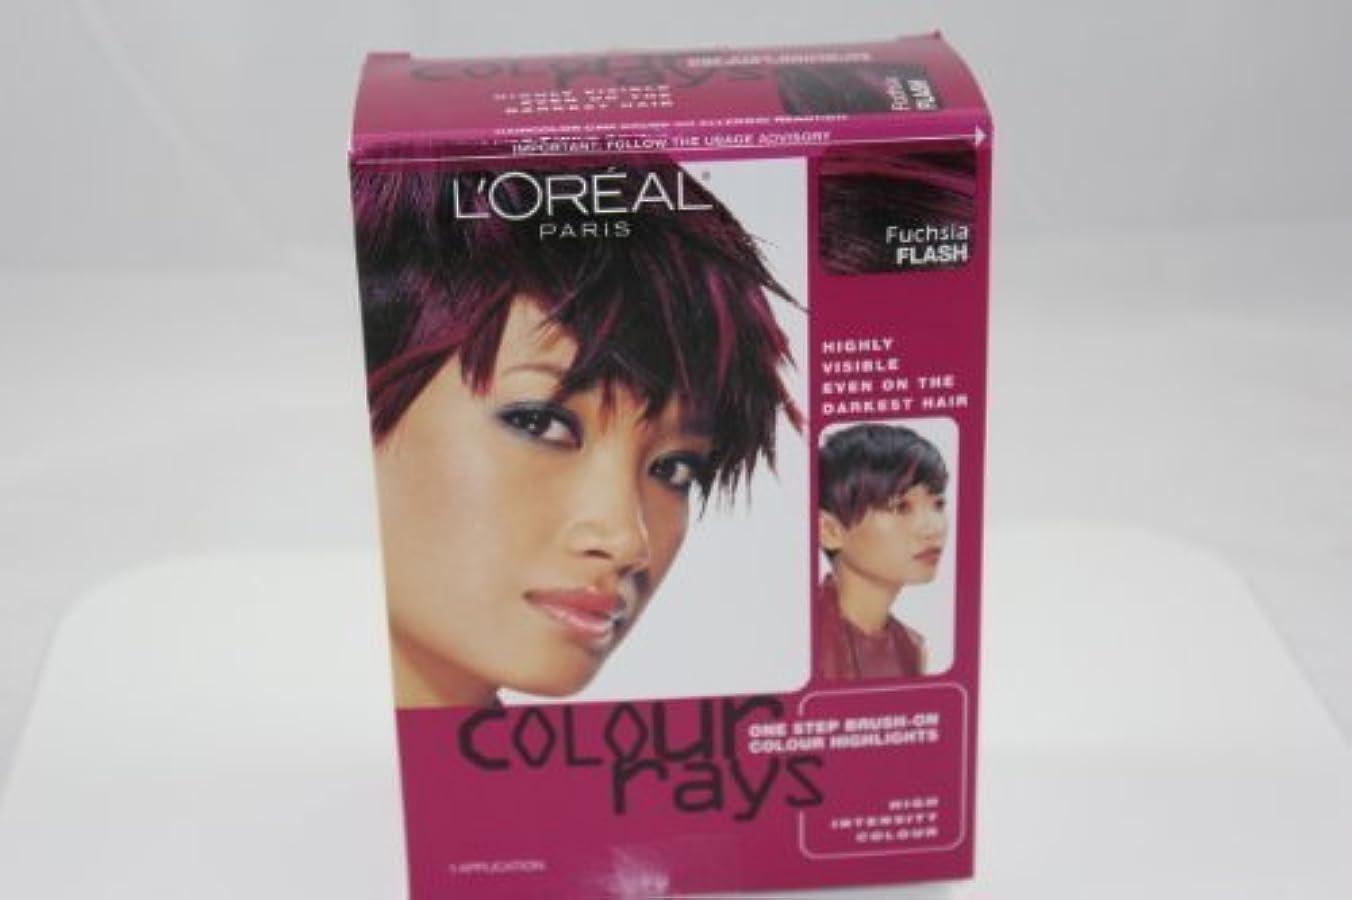 データ意図ライターL'Oreal Paris Colour Rays Hair Color, Fuschia Flash by L'Oreal Paris Hair Color [並行輸入品]